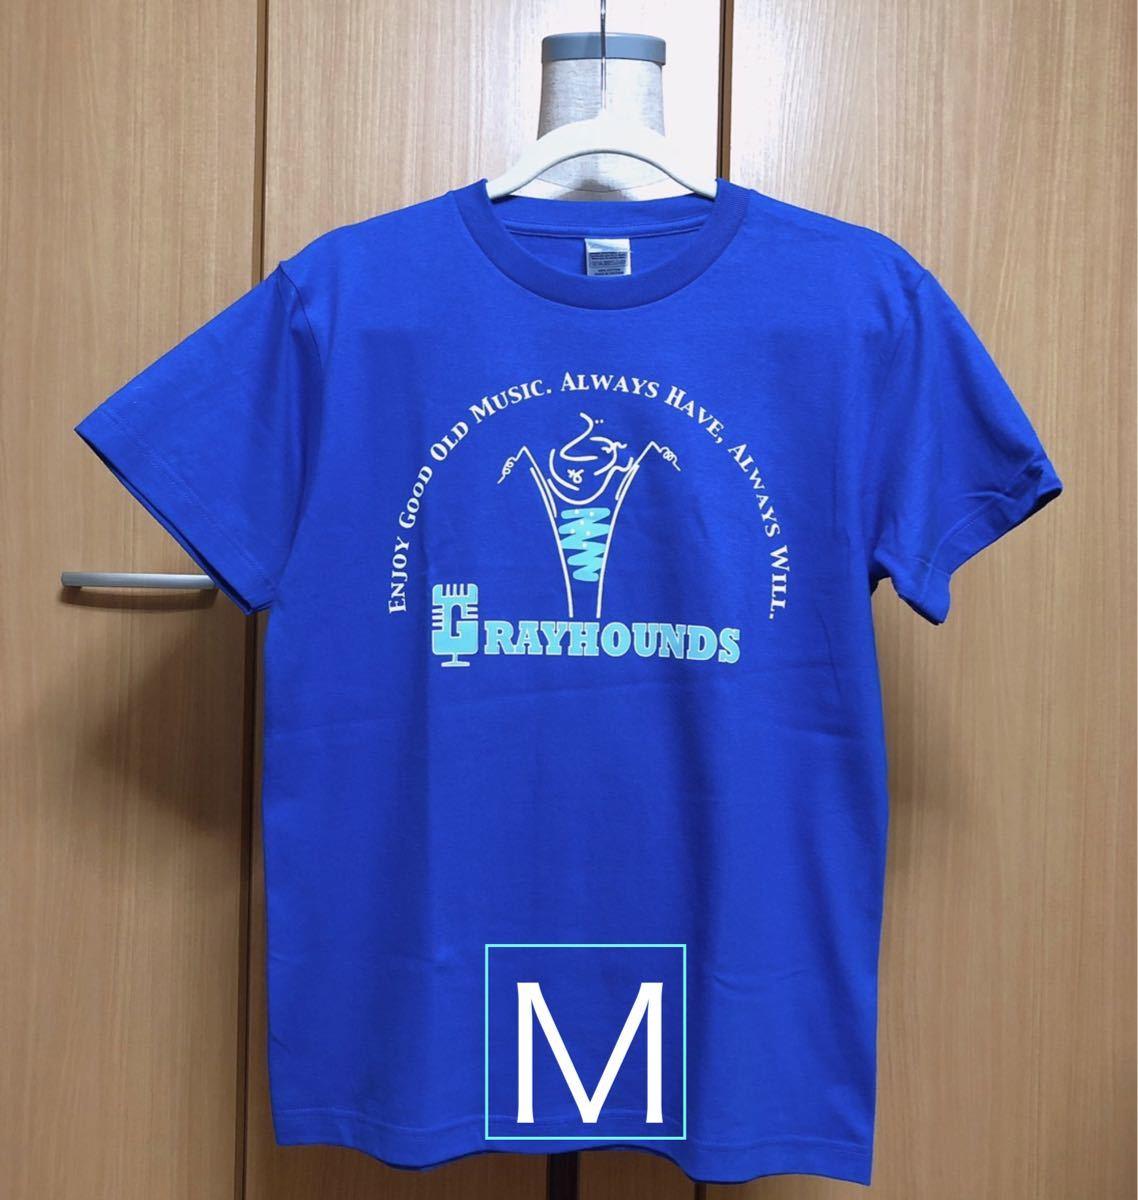 ブルーM 2020 グレイハウンズTシャツ(グレハンソーダ)